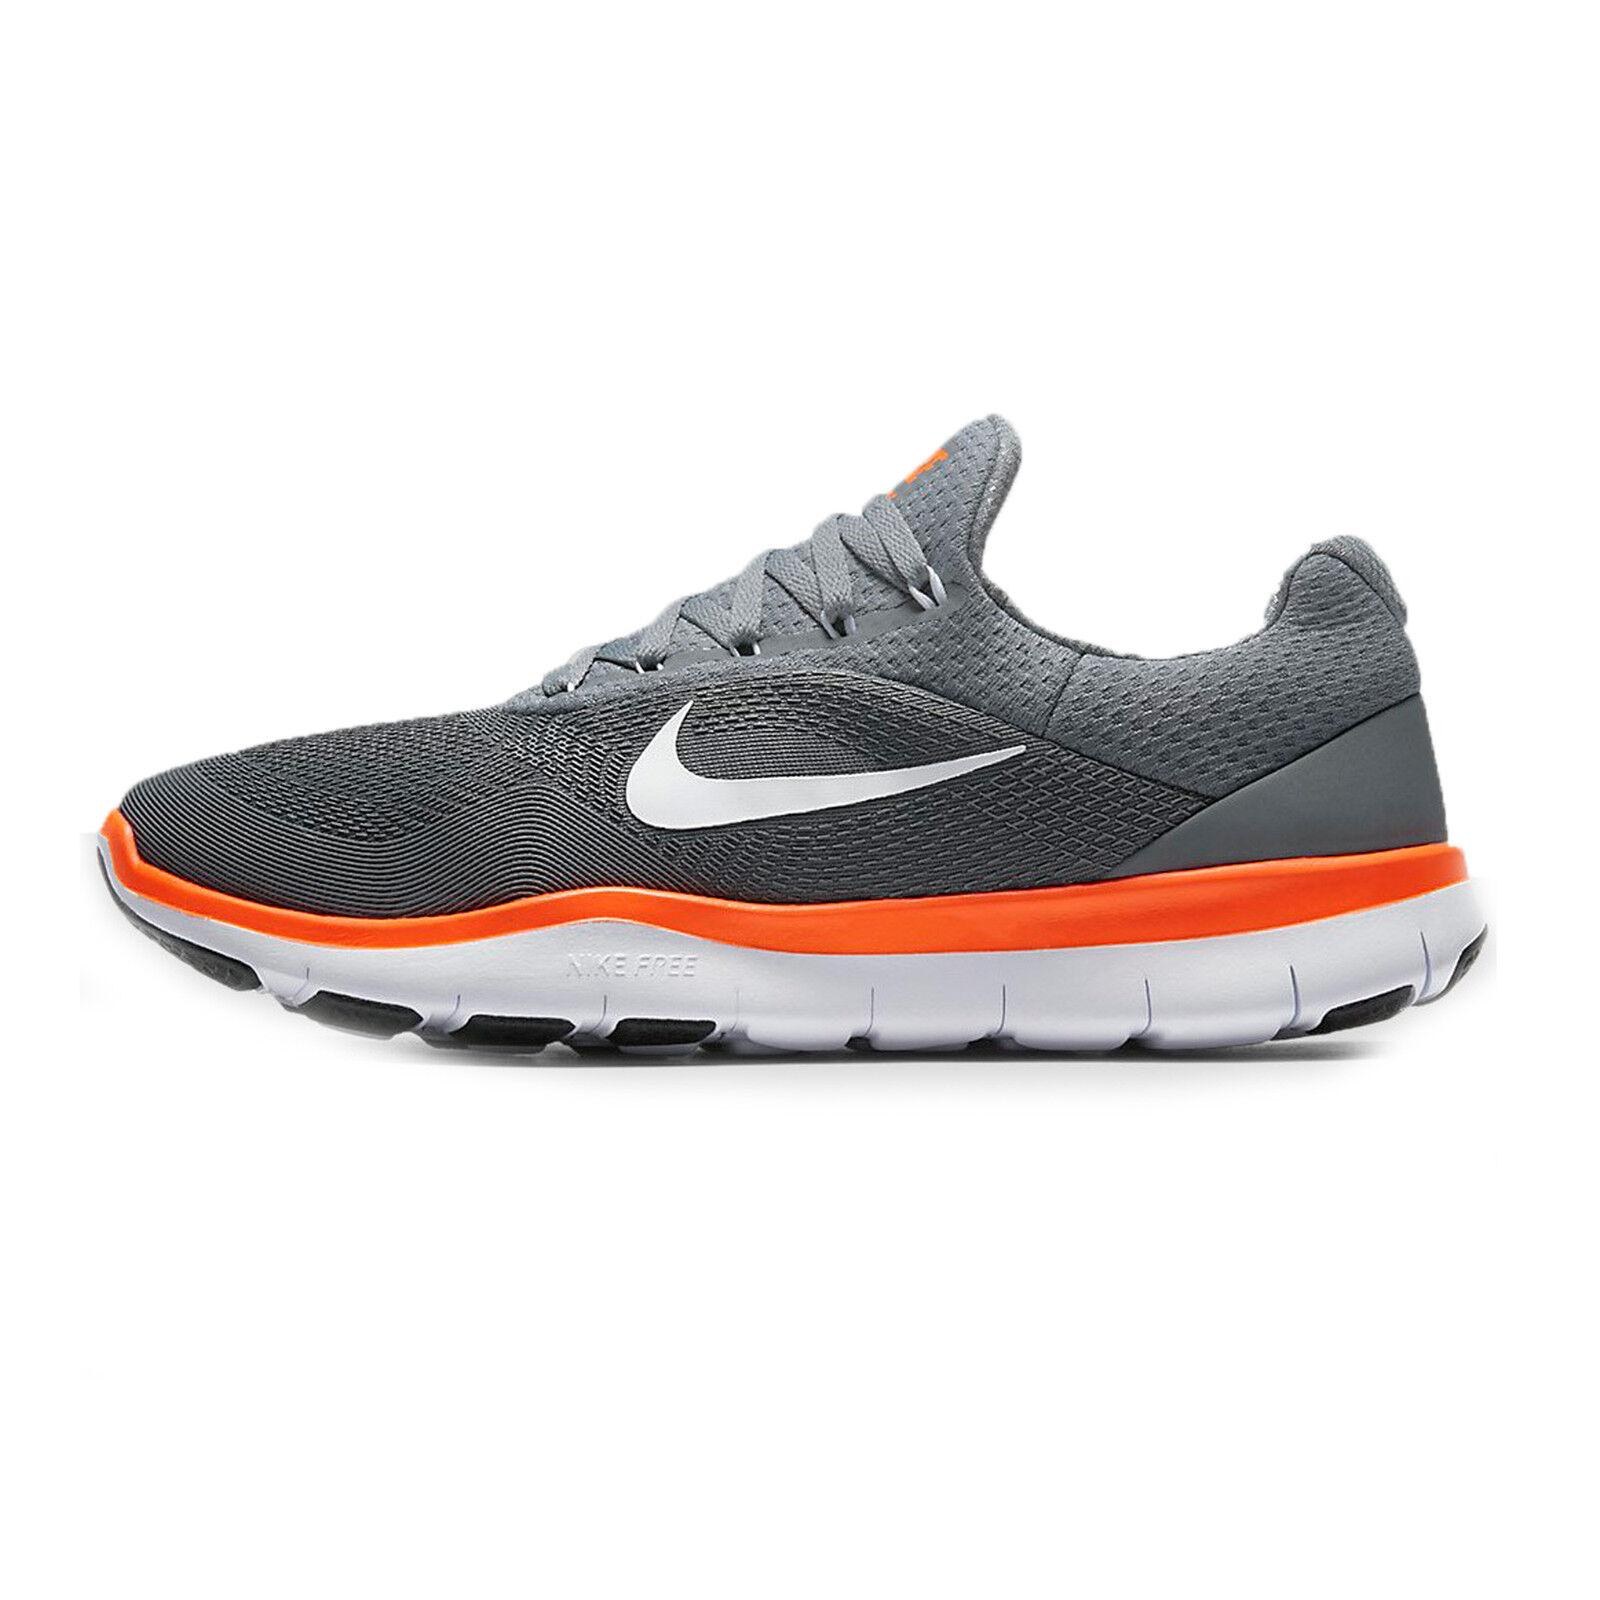 Nike, allenatore di 898053-001 sportschuh formazione v7 di scarpe da ginnastica v7 formazione libero 65fa63